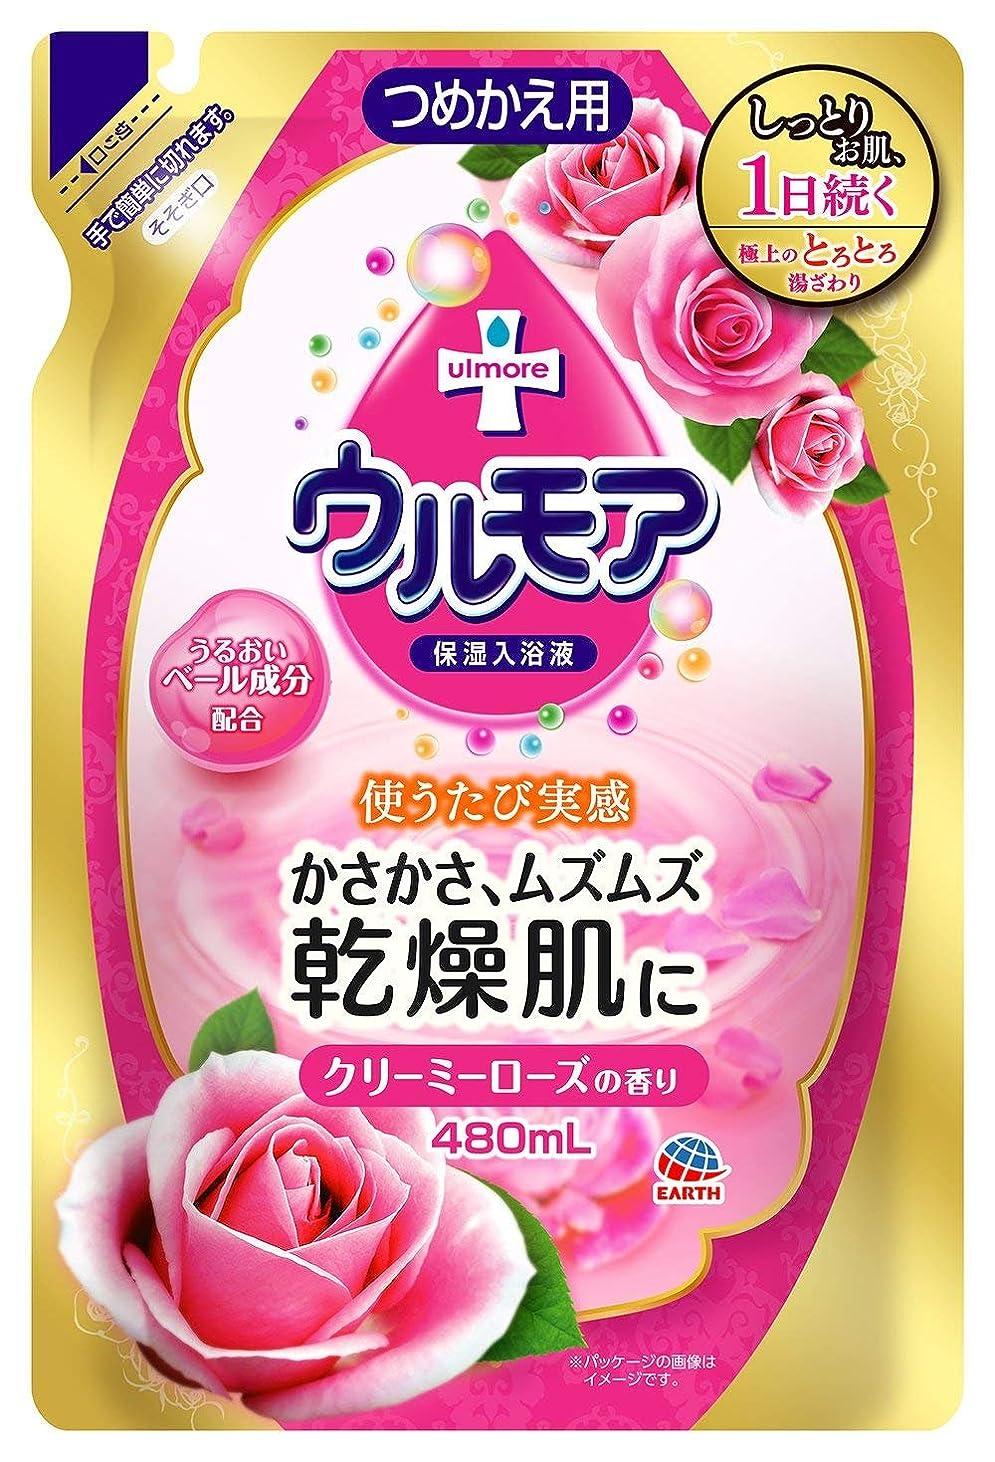 パーティー極地明らか【アース製薬】保湿入浴液ウルモアクリーミーローズの香り 詰替え用 480ml ×20個セット